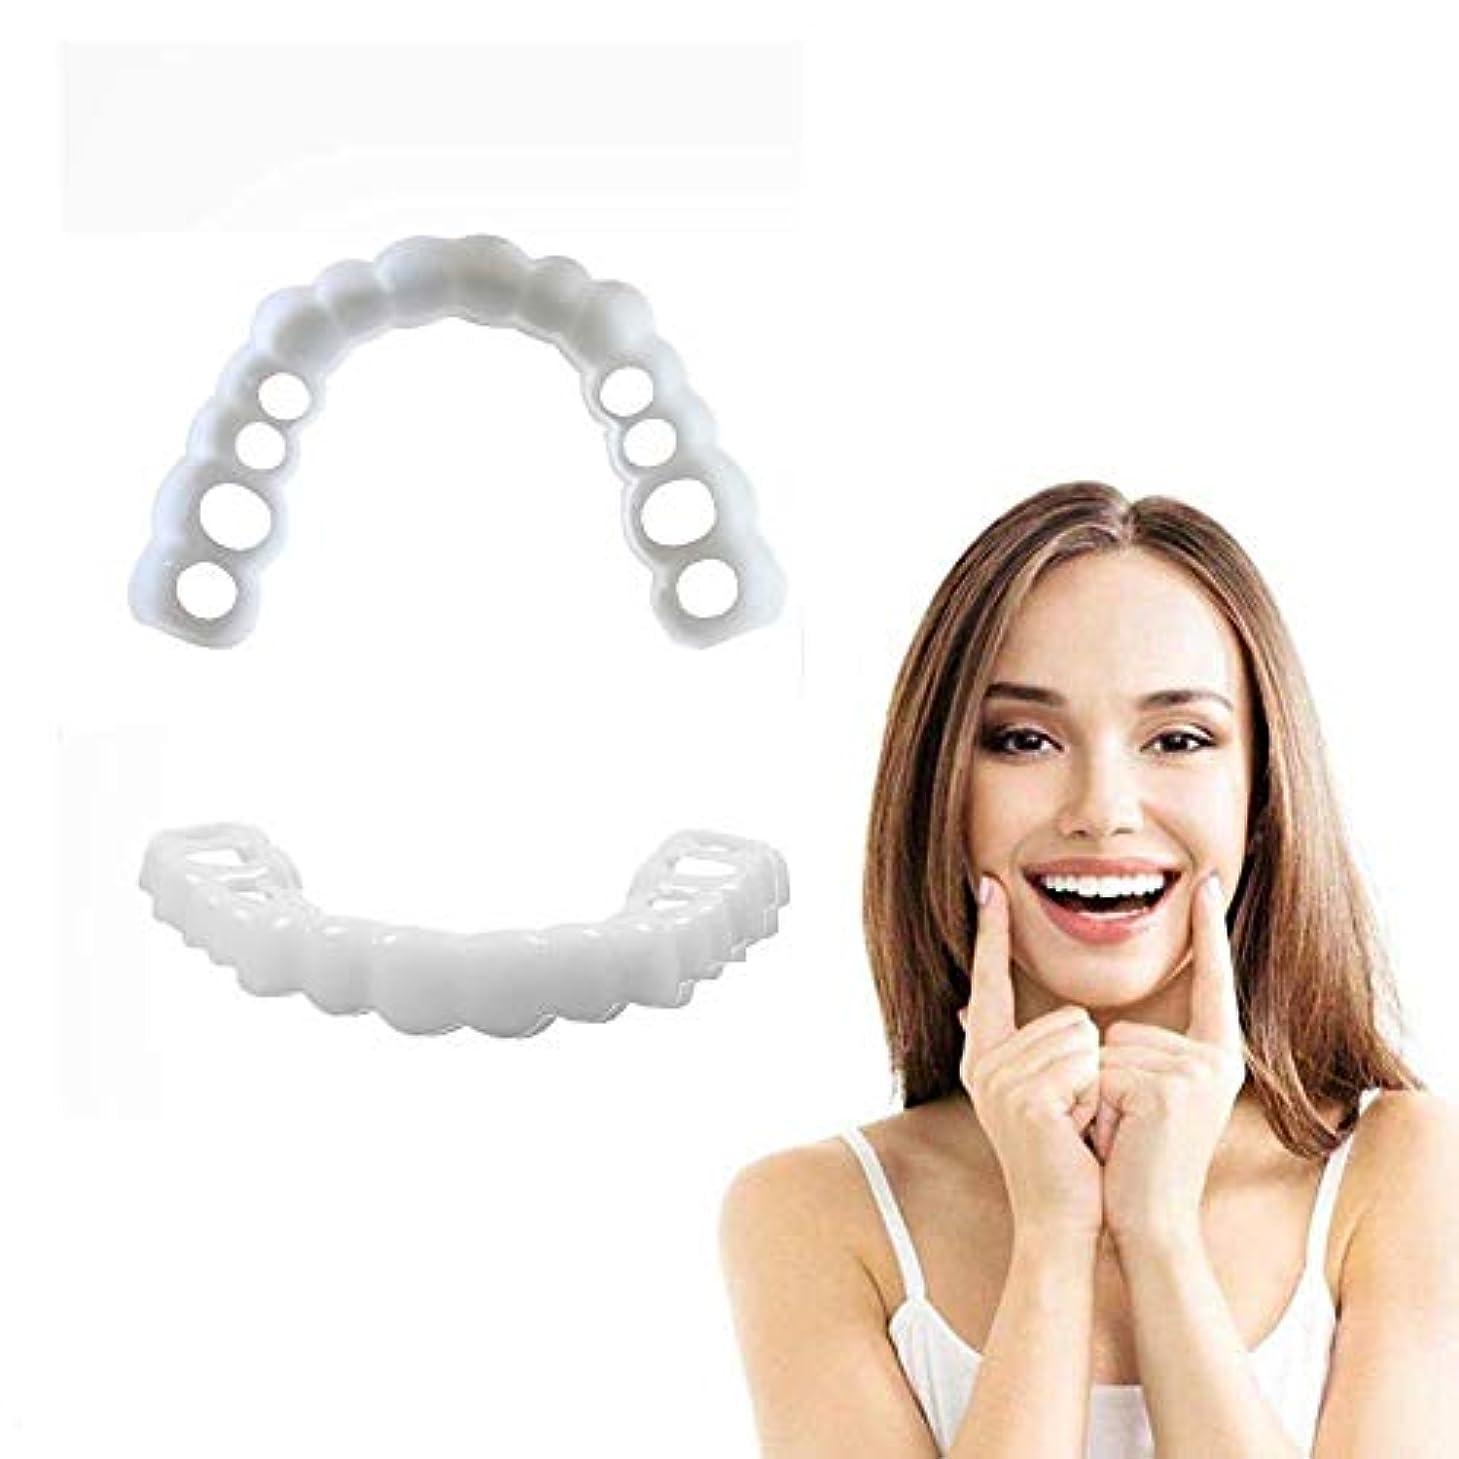 猟犬バスケットボール赤外線2対の歯義歯歯用化粧品テンポラリースマイルコンフォートフィット化粧品用義歯(ホワイト),7Pairs